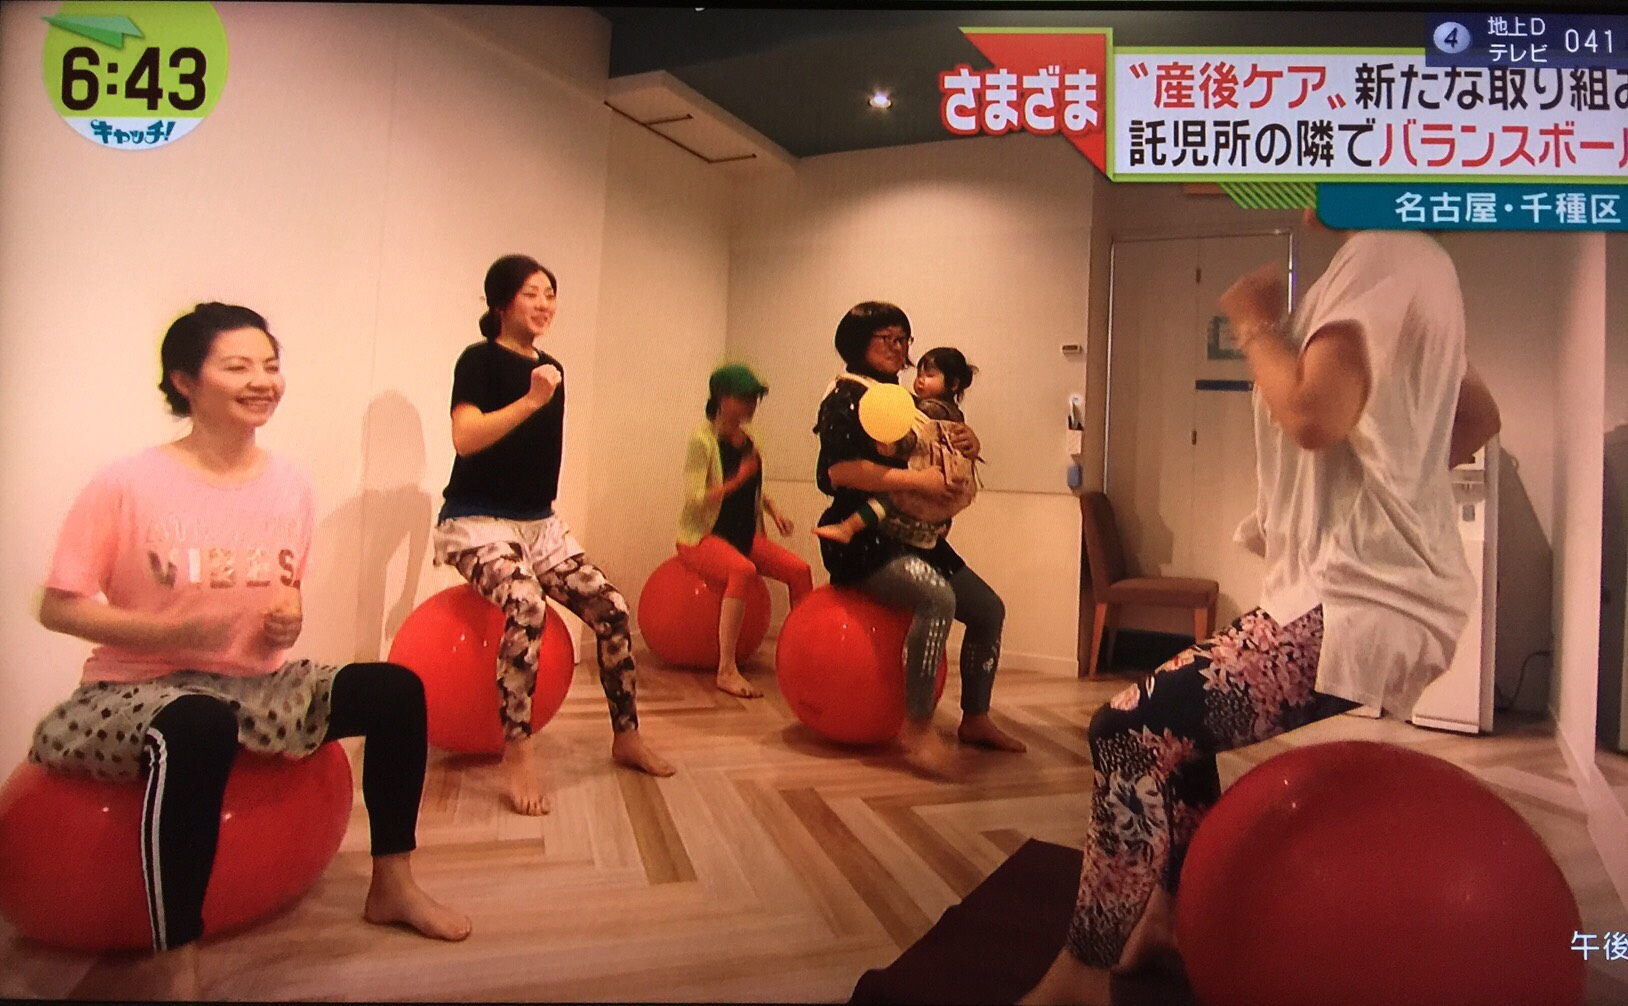 キャッチ 中京 テレビ